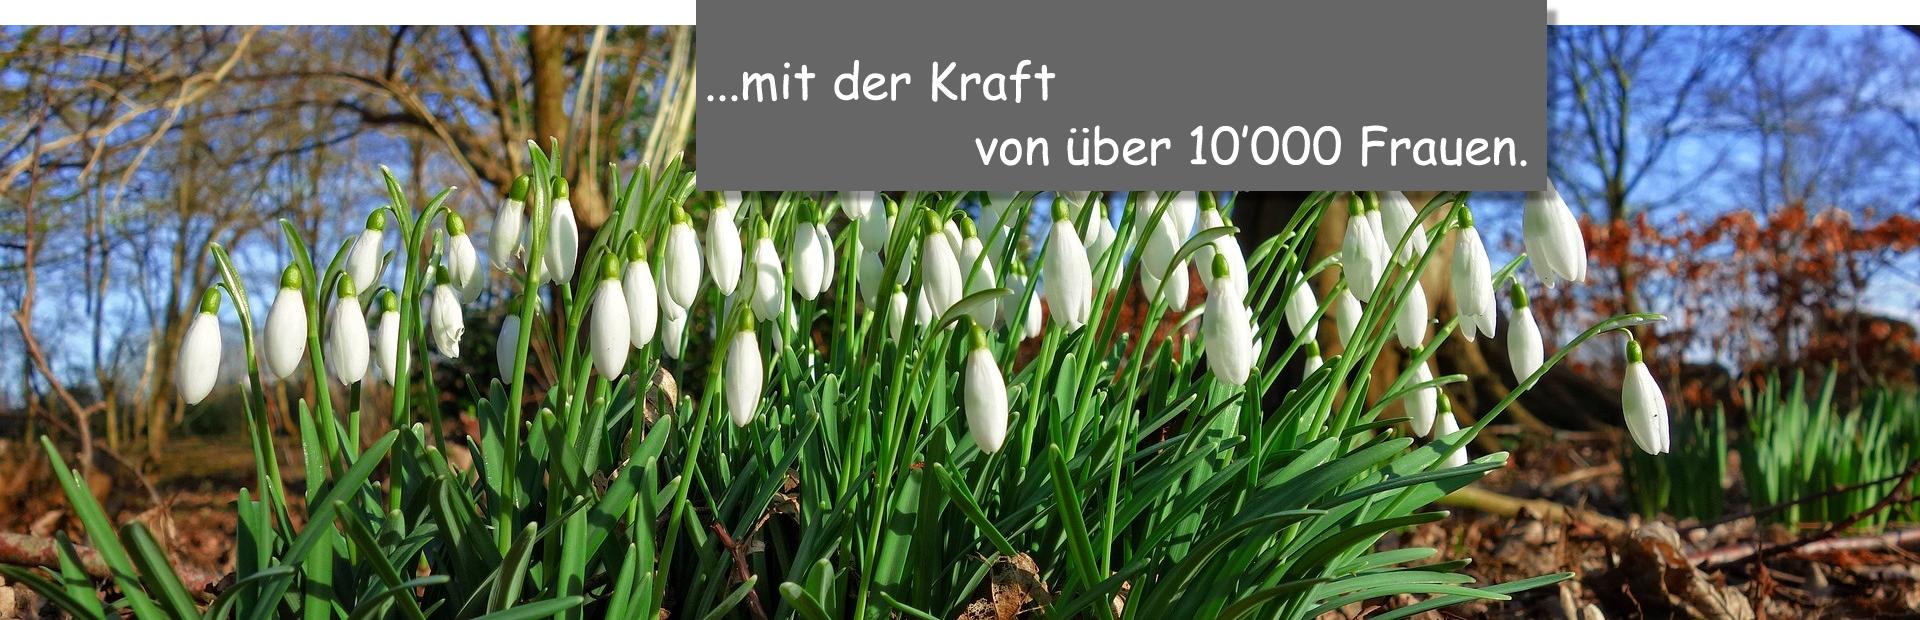 Schneeglggli_mit_der_Kraft